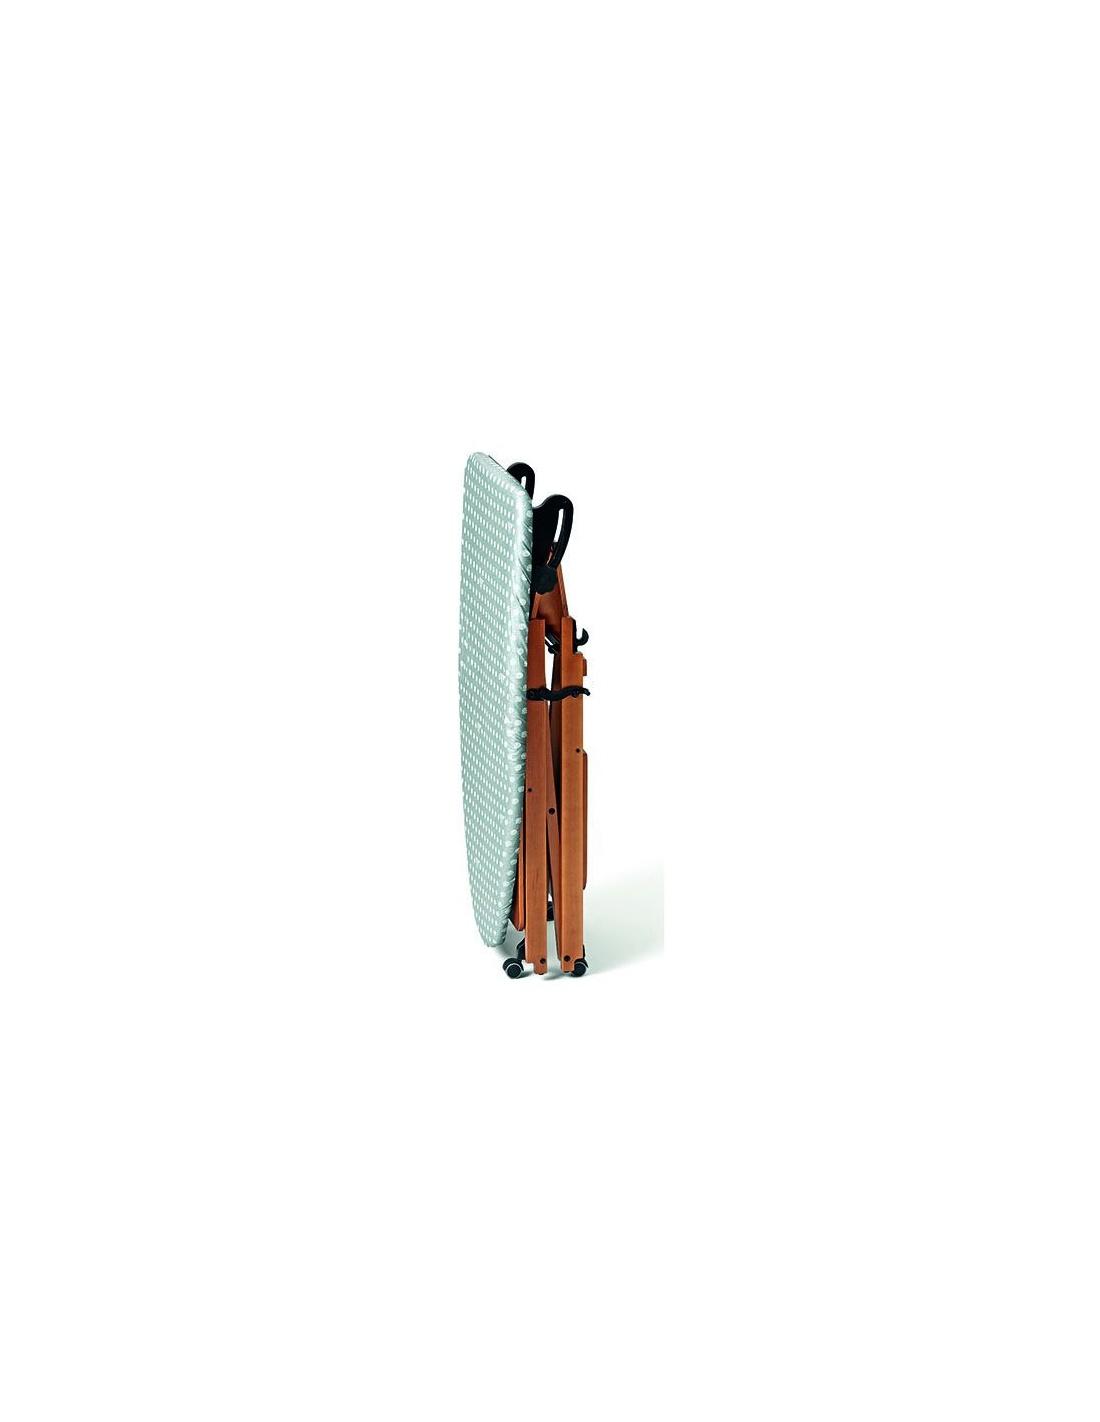 Asse da stiro in legno modello bravo 620 di arredamenti italia for Arredamenti italia prezzi